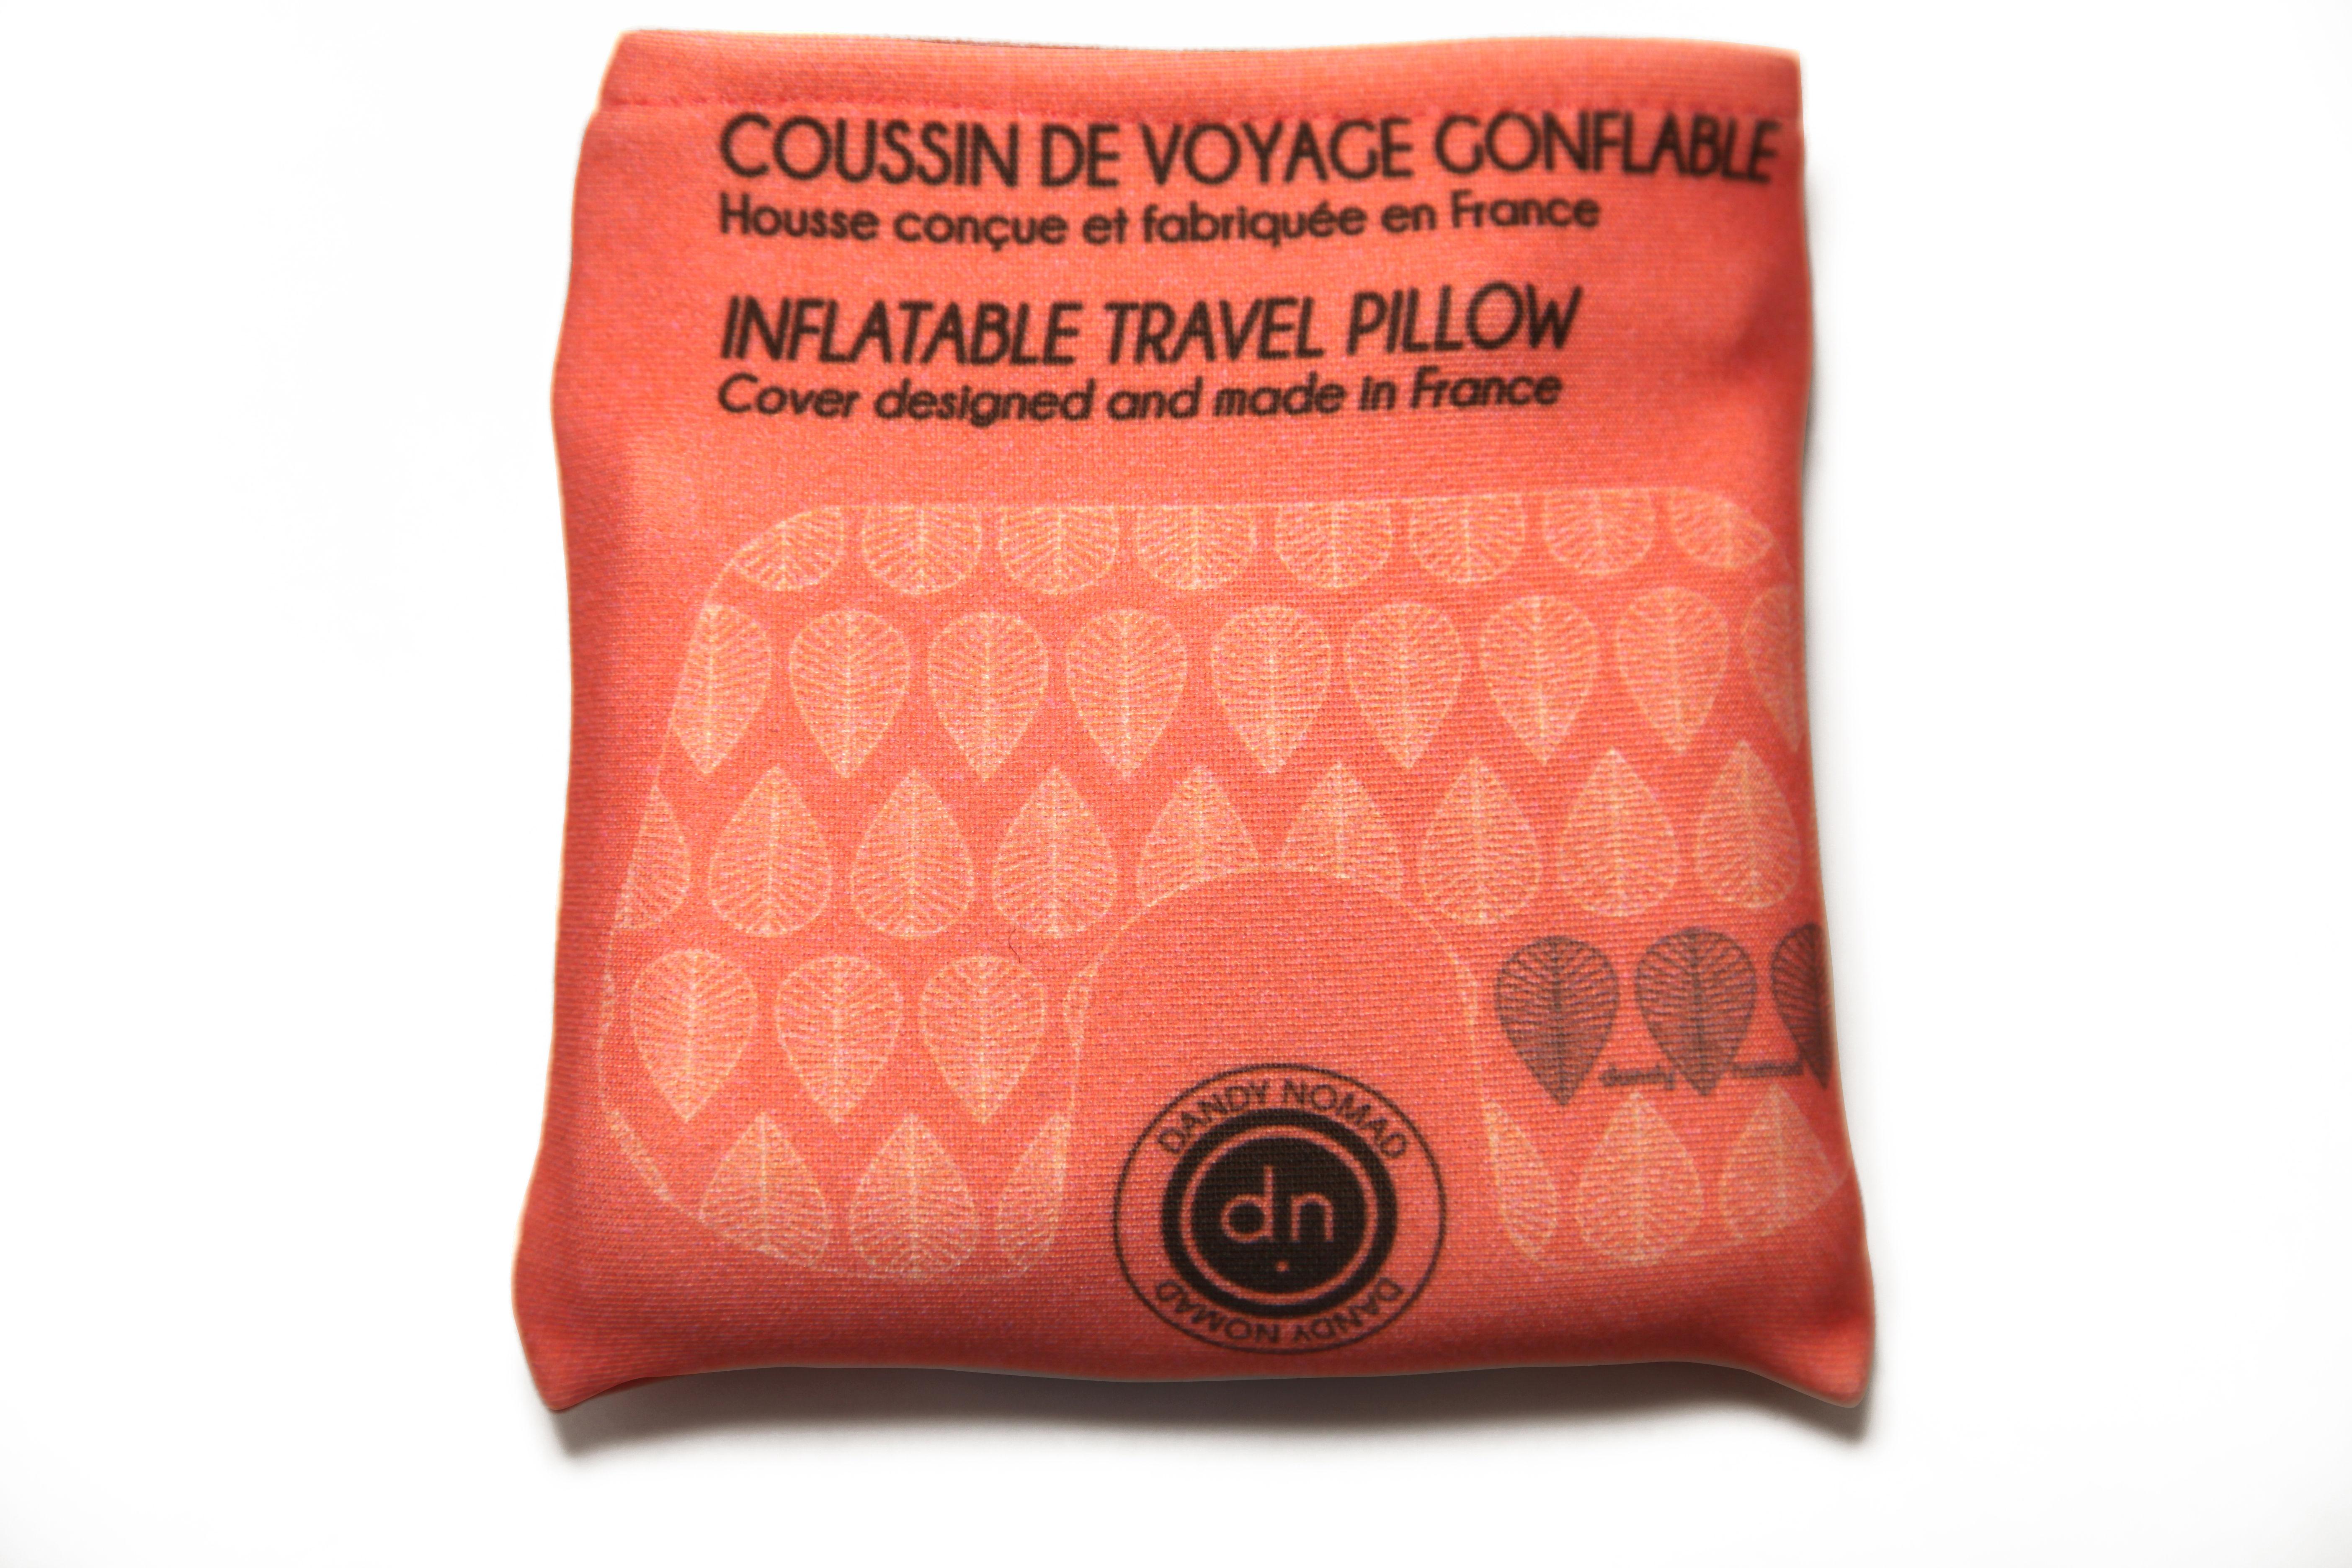 coussin de voyage oceanic attitude gonflable avec pochette de rangement corail dandy nomad. Black Bedroom Furniture Sets. Home Design Ideas